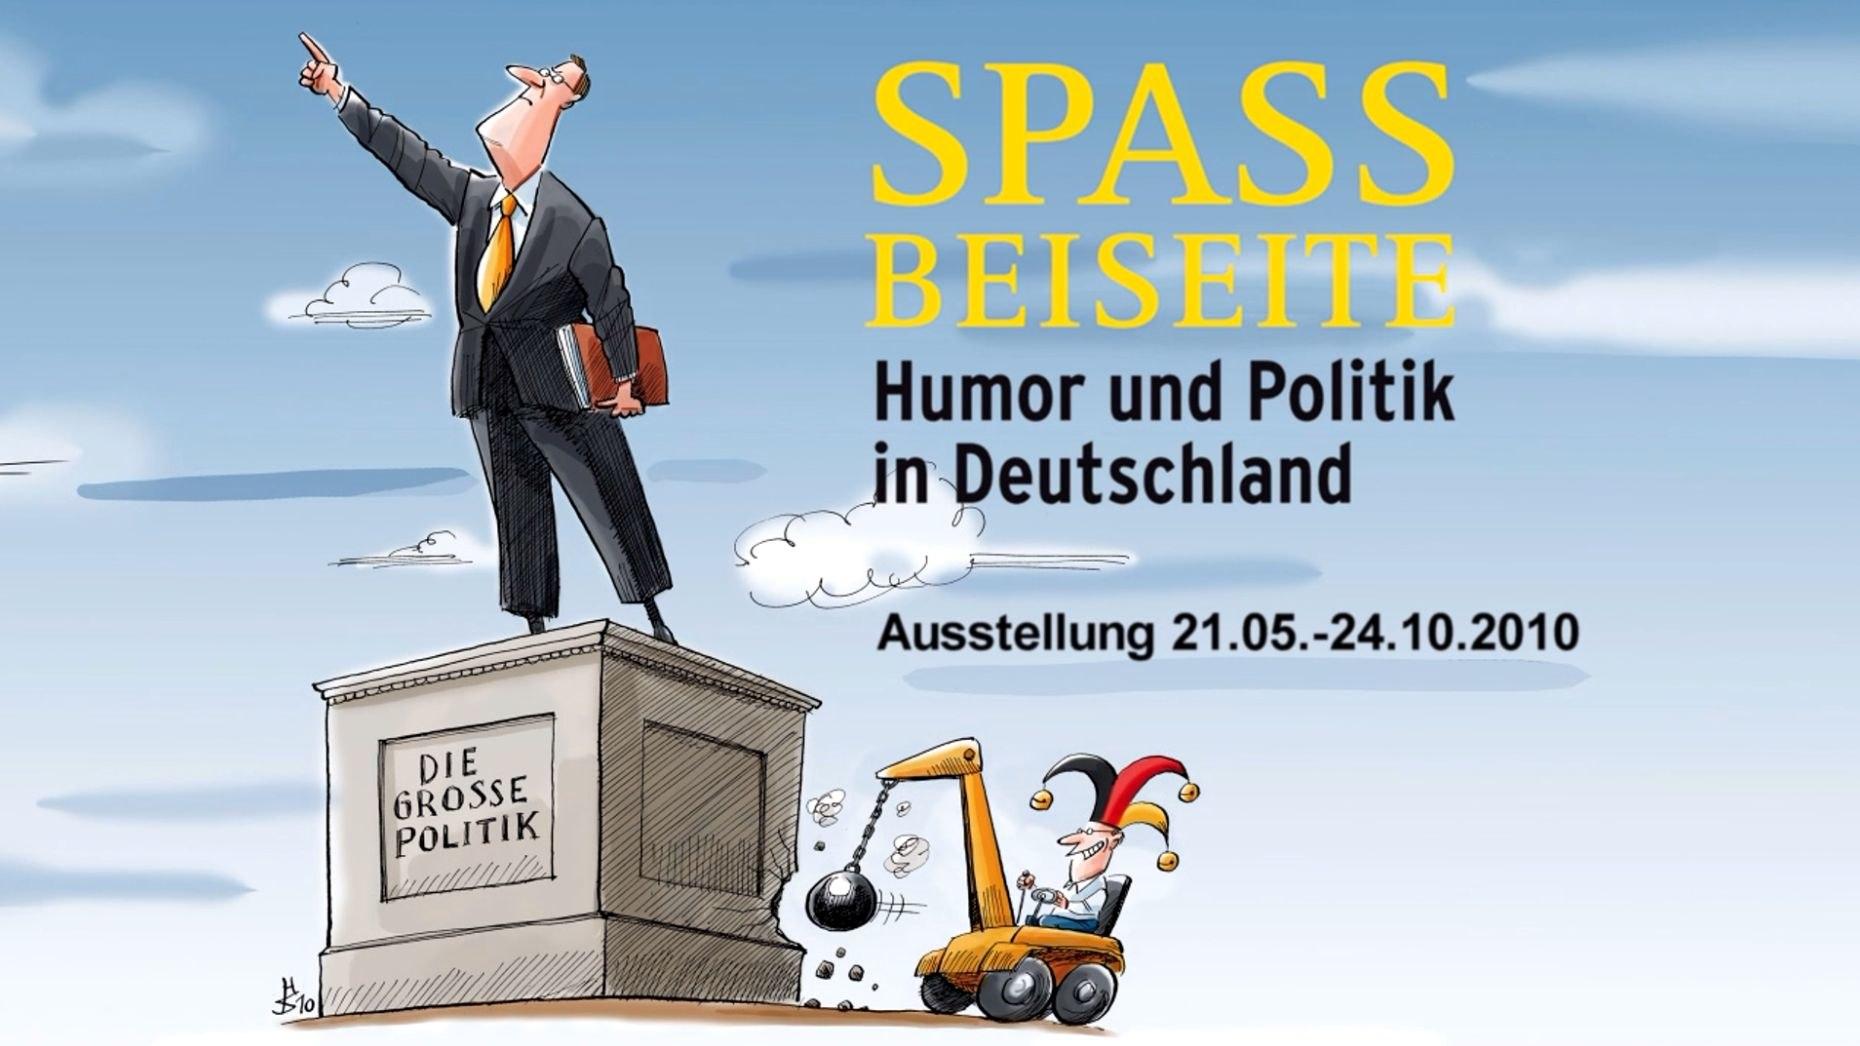 Plakat zur Ausstellung Wechselausstellung Spaß beiseite Humor und Politik im Zeitgeschichtlichen Forum Leipzig